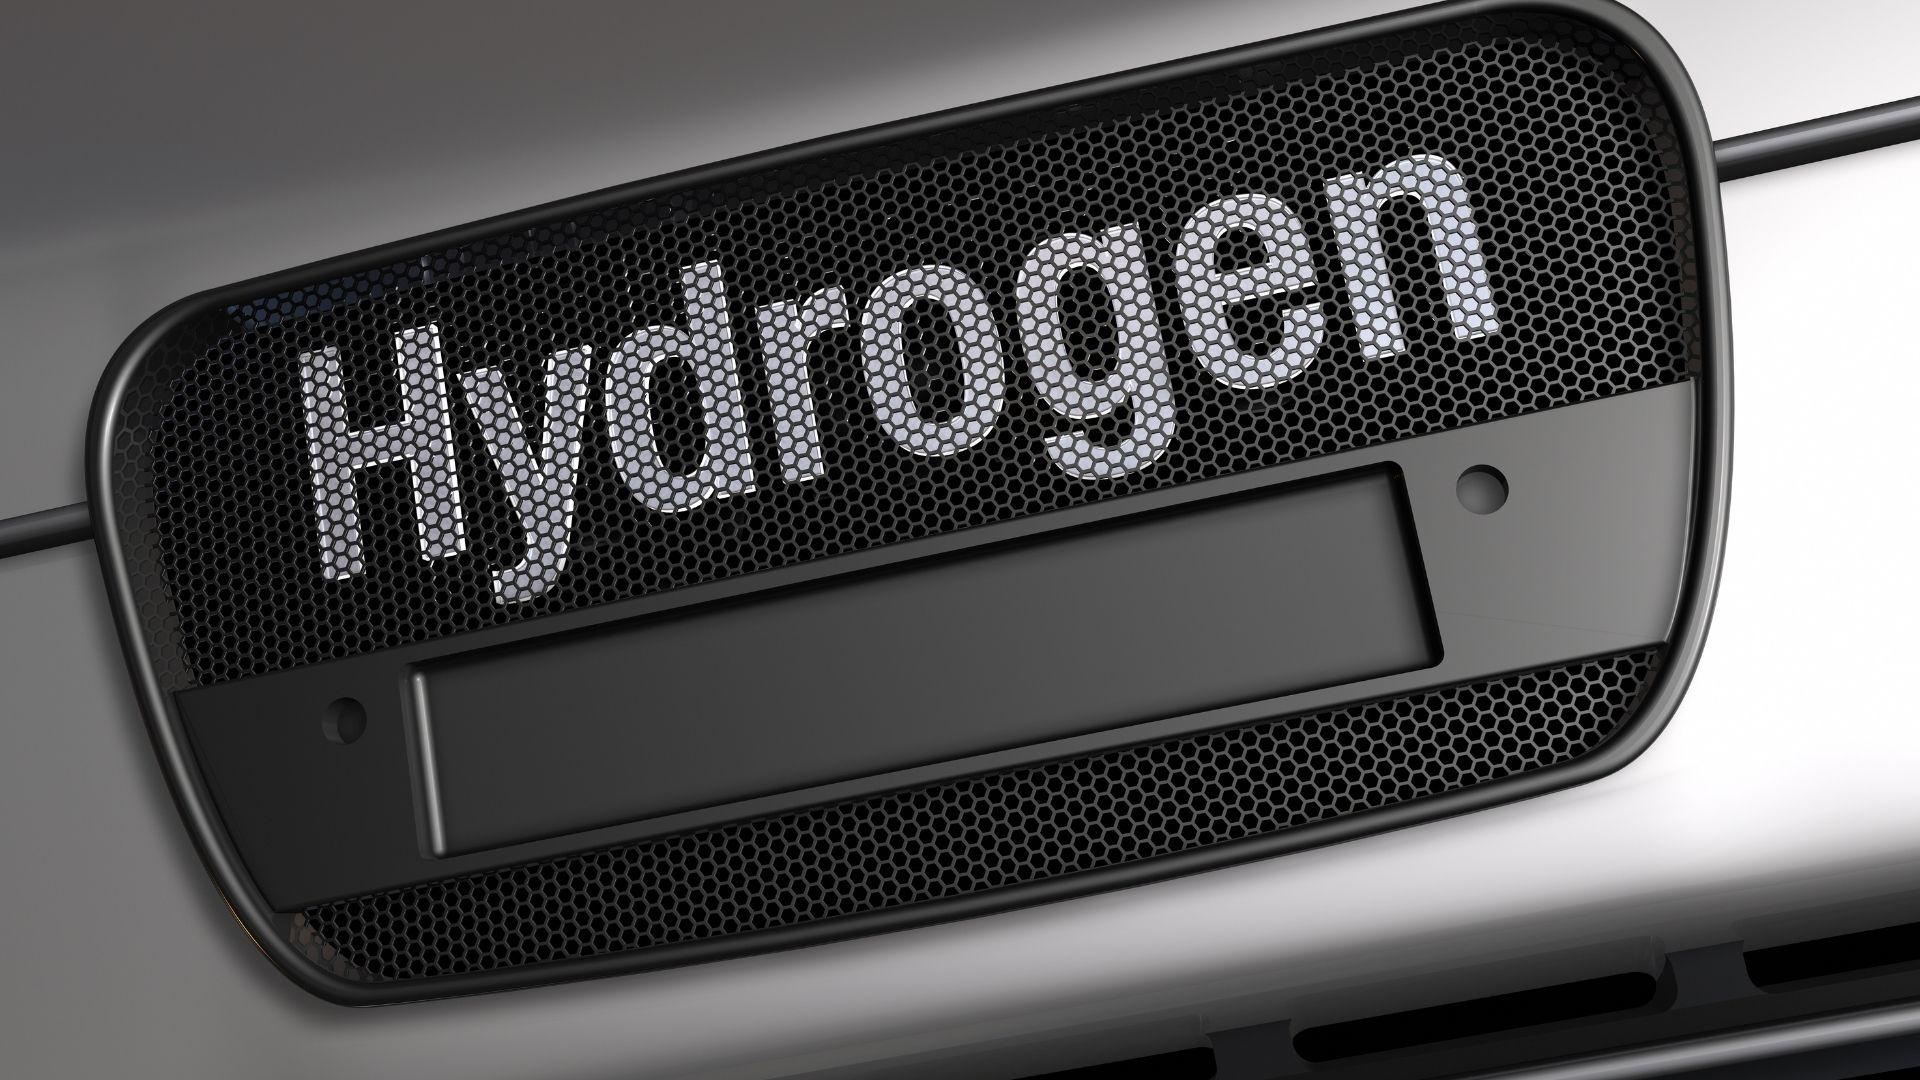 hydrogène hydrogen moteur voiture futur avenir écologie éco-responsablité révolution innovation taxis Avinéo Hype